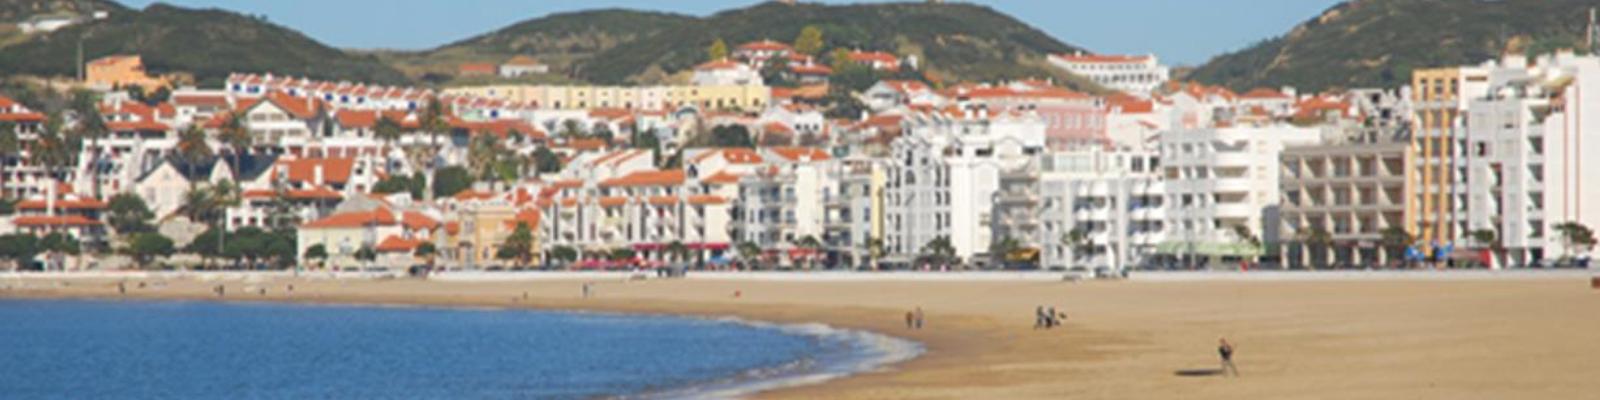 Sáo Martinho do Porto – Portugal – September 2020